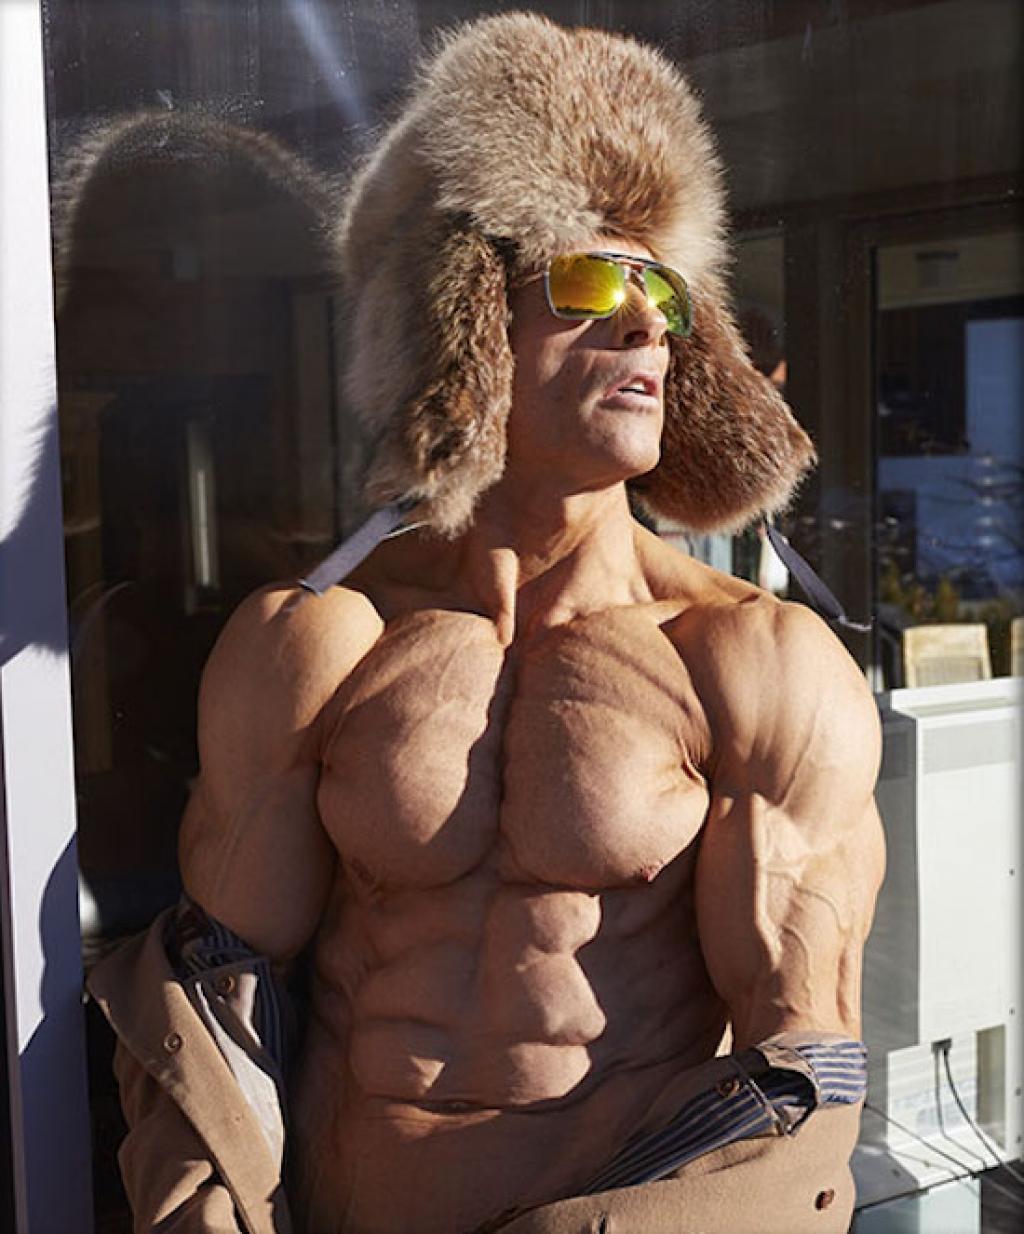 Aos 47 anos, este fisiculturista tem apenas 4% de gordura corporal 05